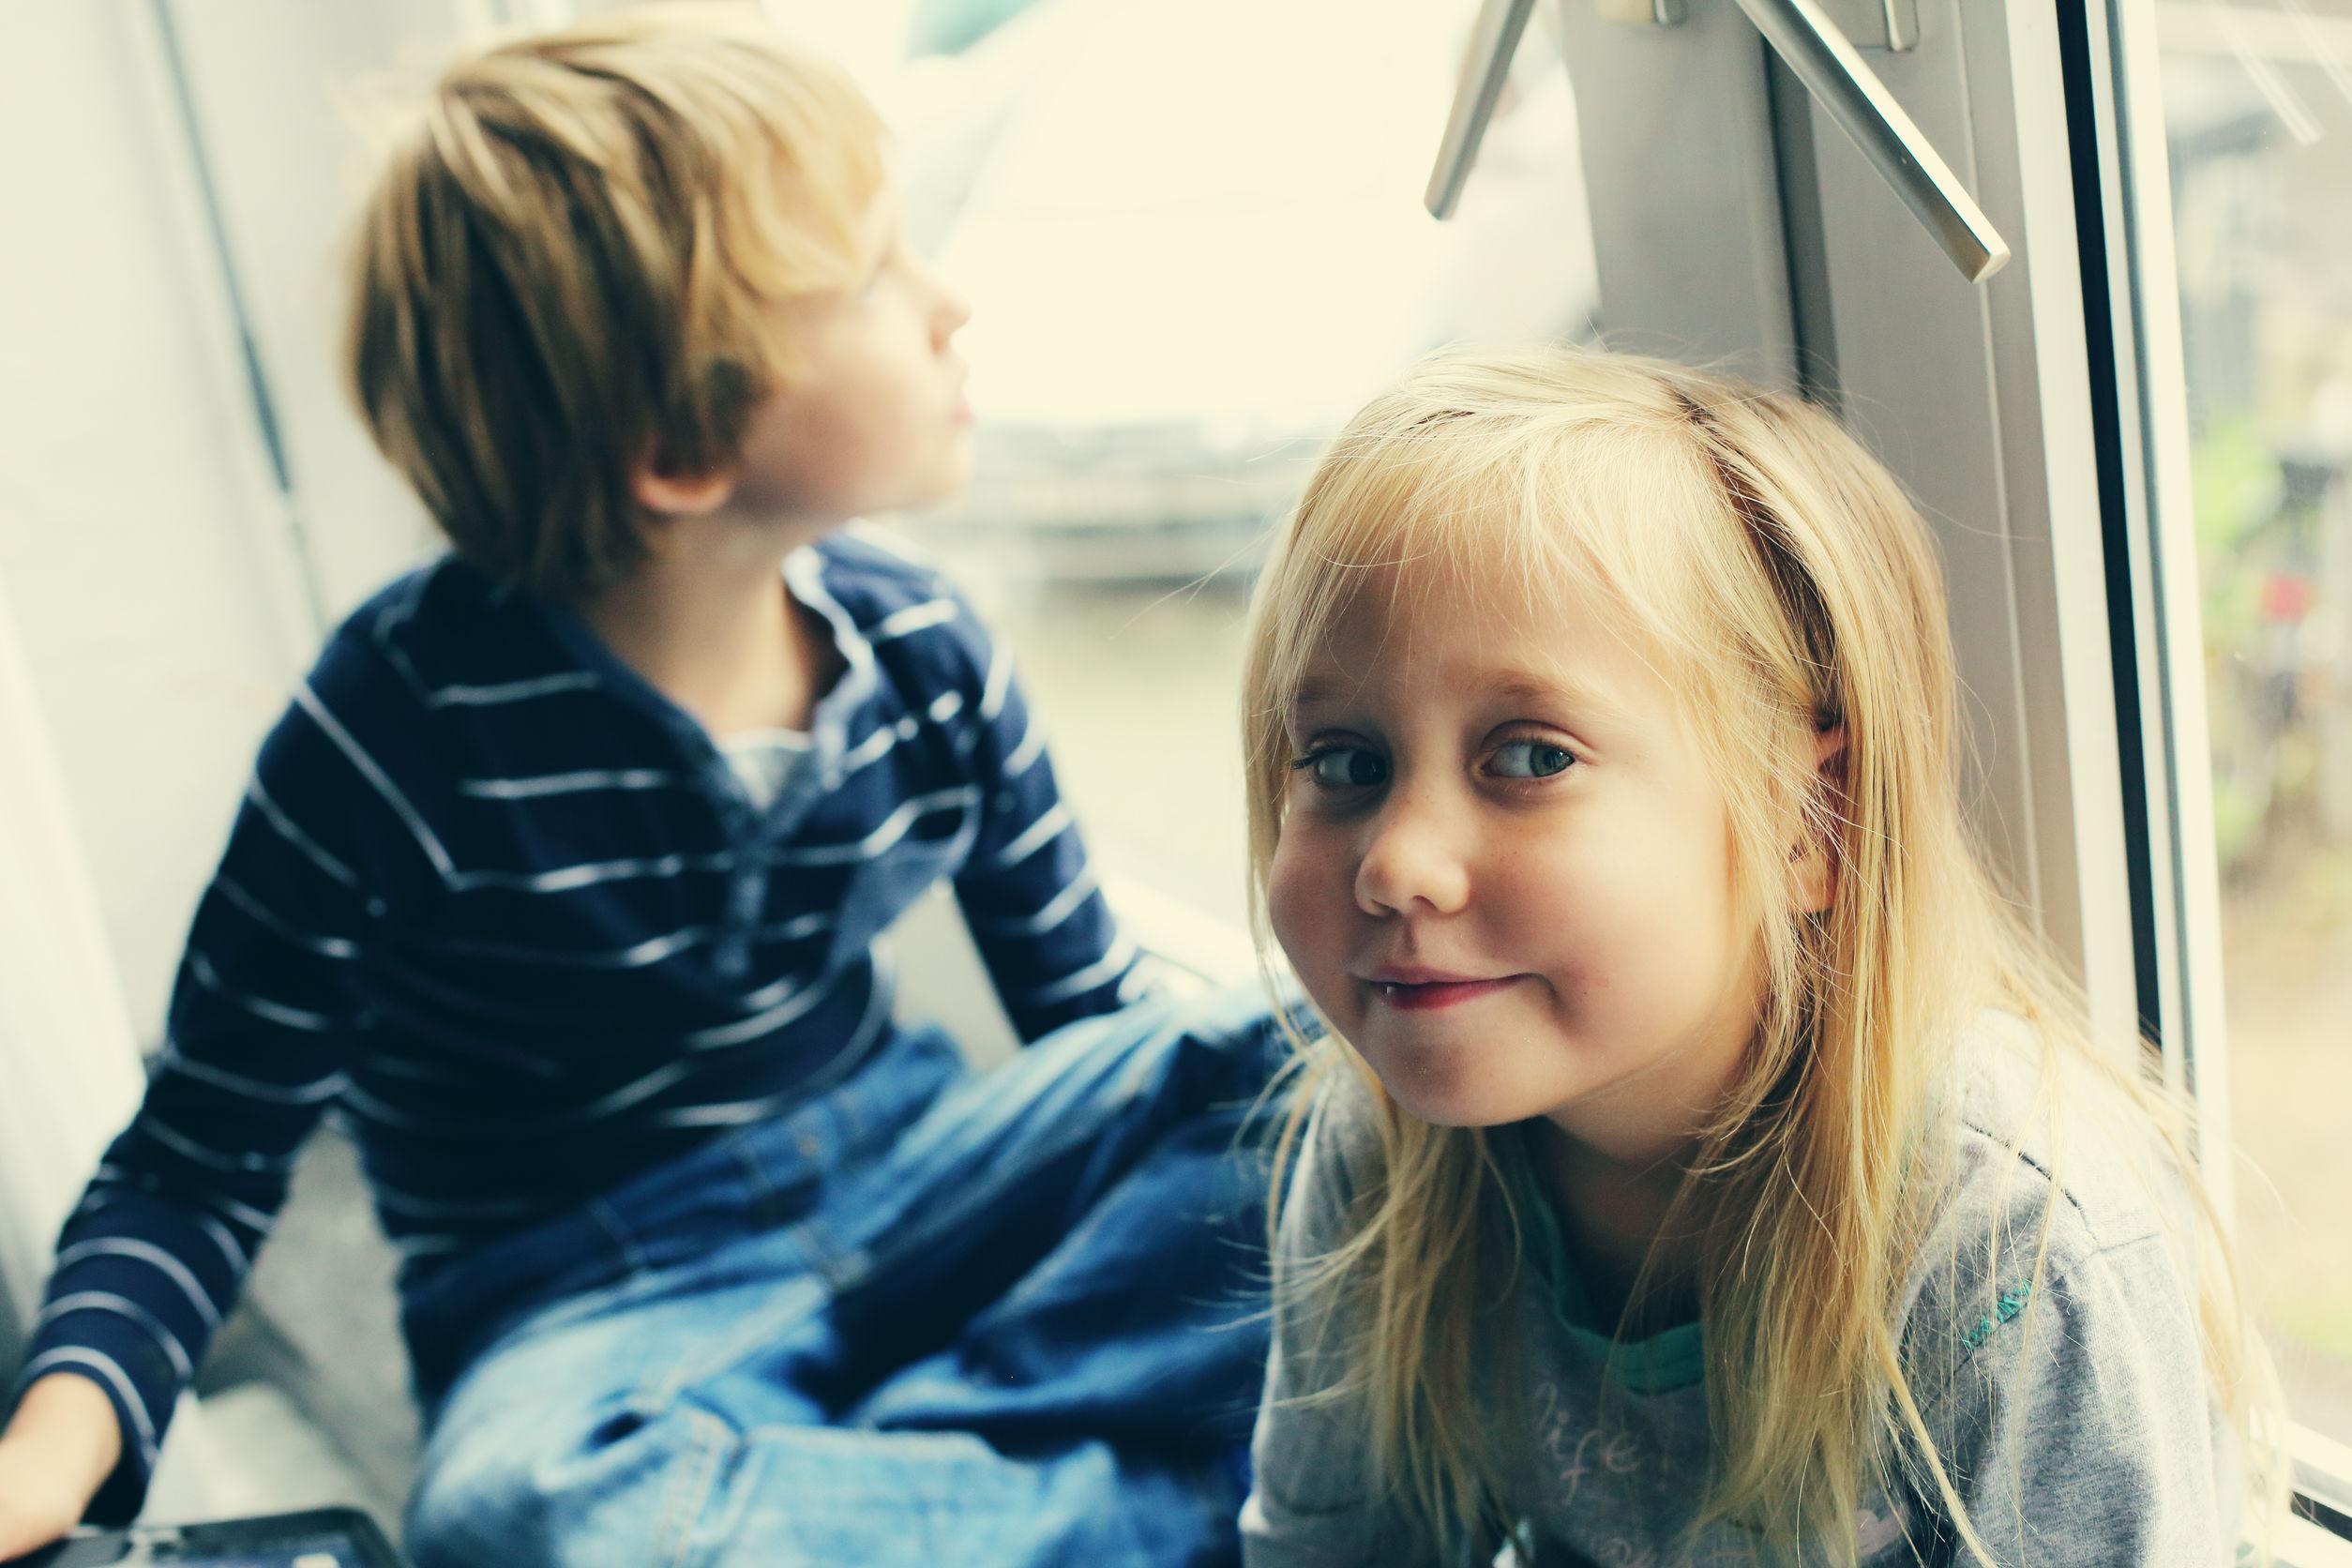 Baj van a figyelemmel? - Tanulási zavarok iskoláskorban